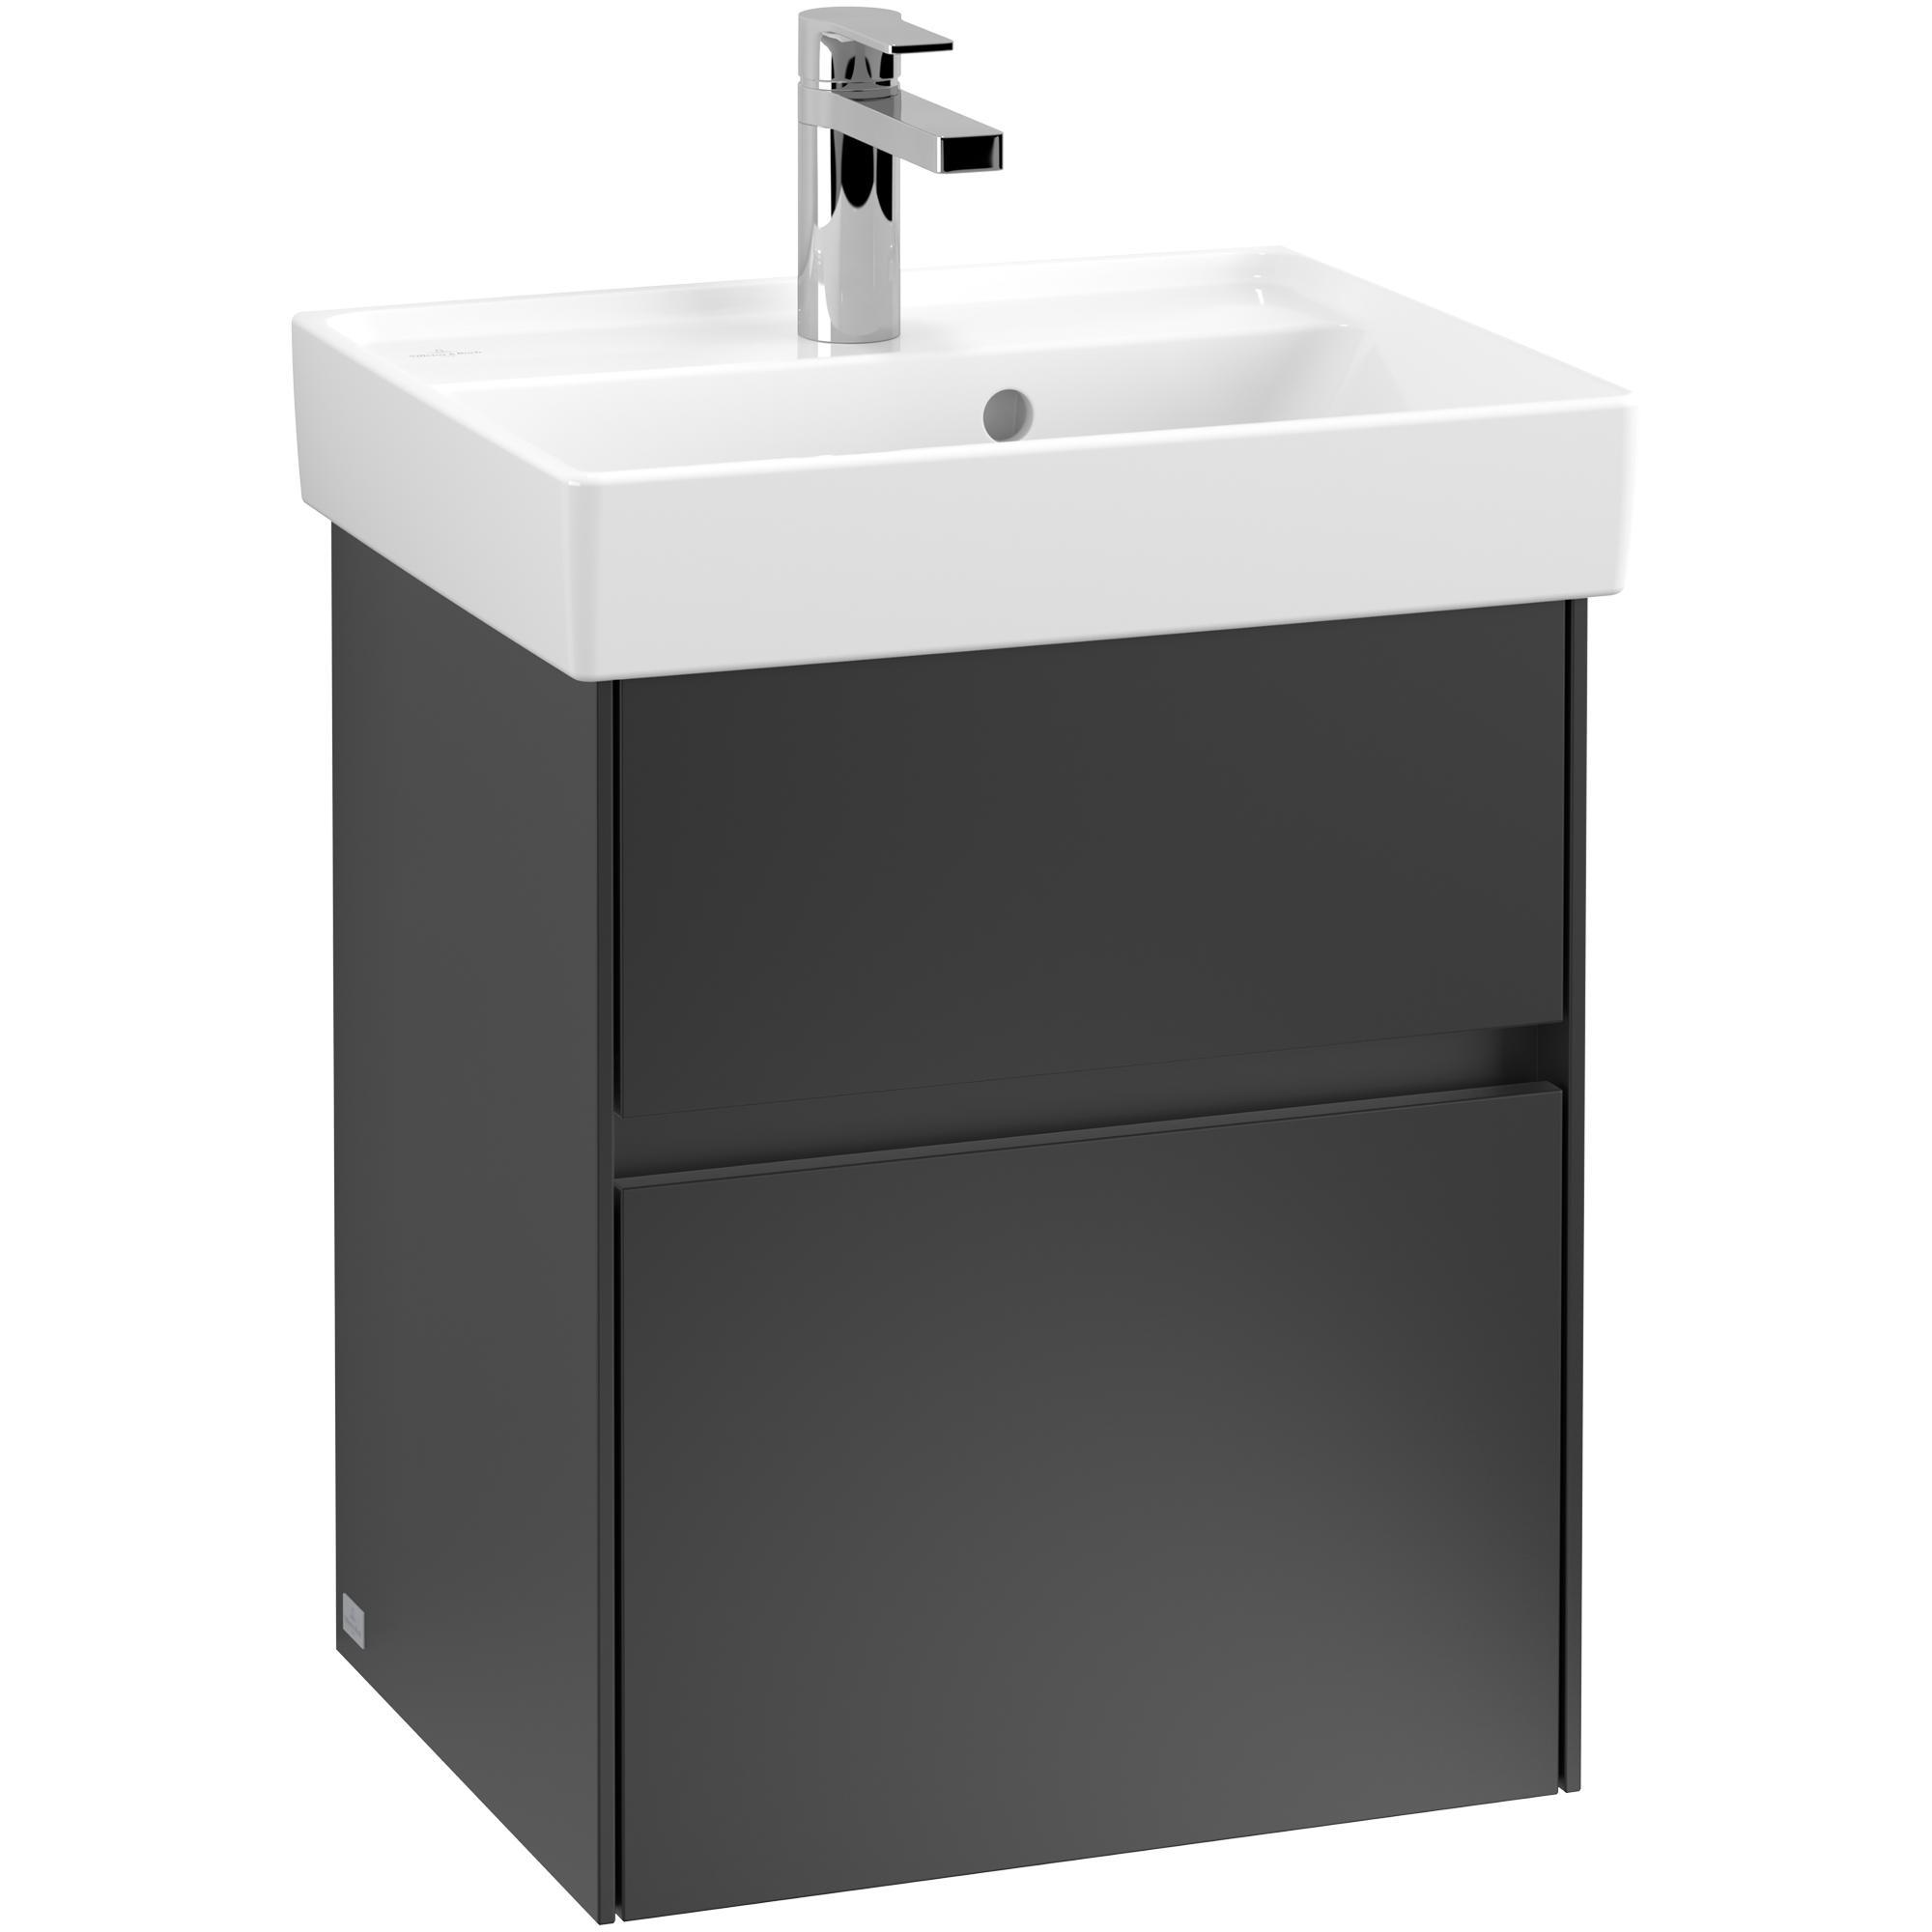 Tvättställsskåp Villeroy & Boch Collaro med 2 Lådor för Inbyggt Tvättställ